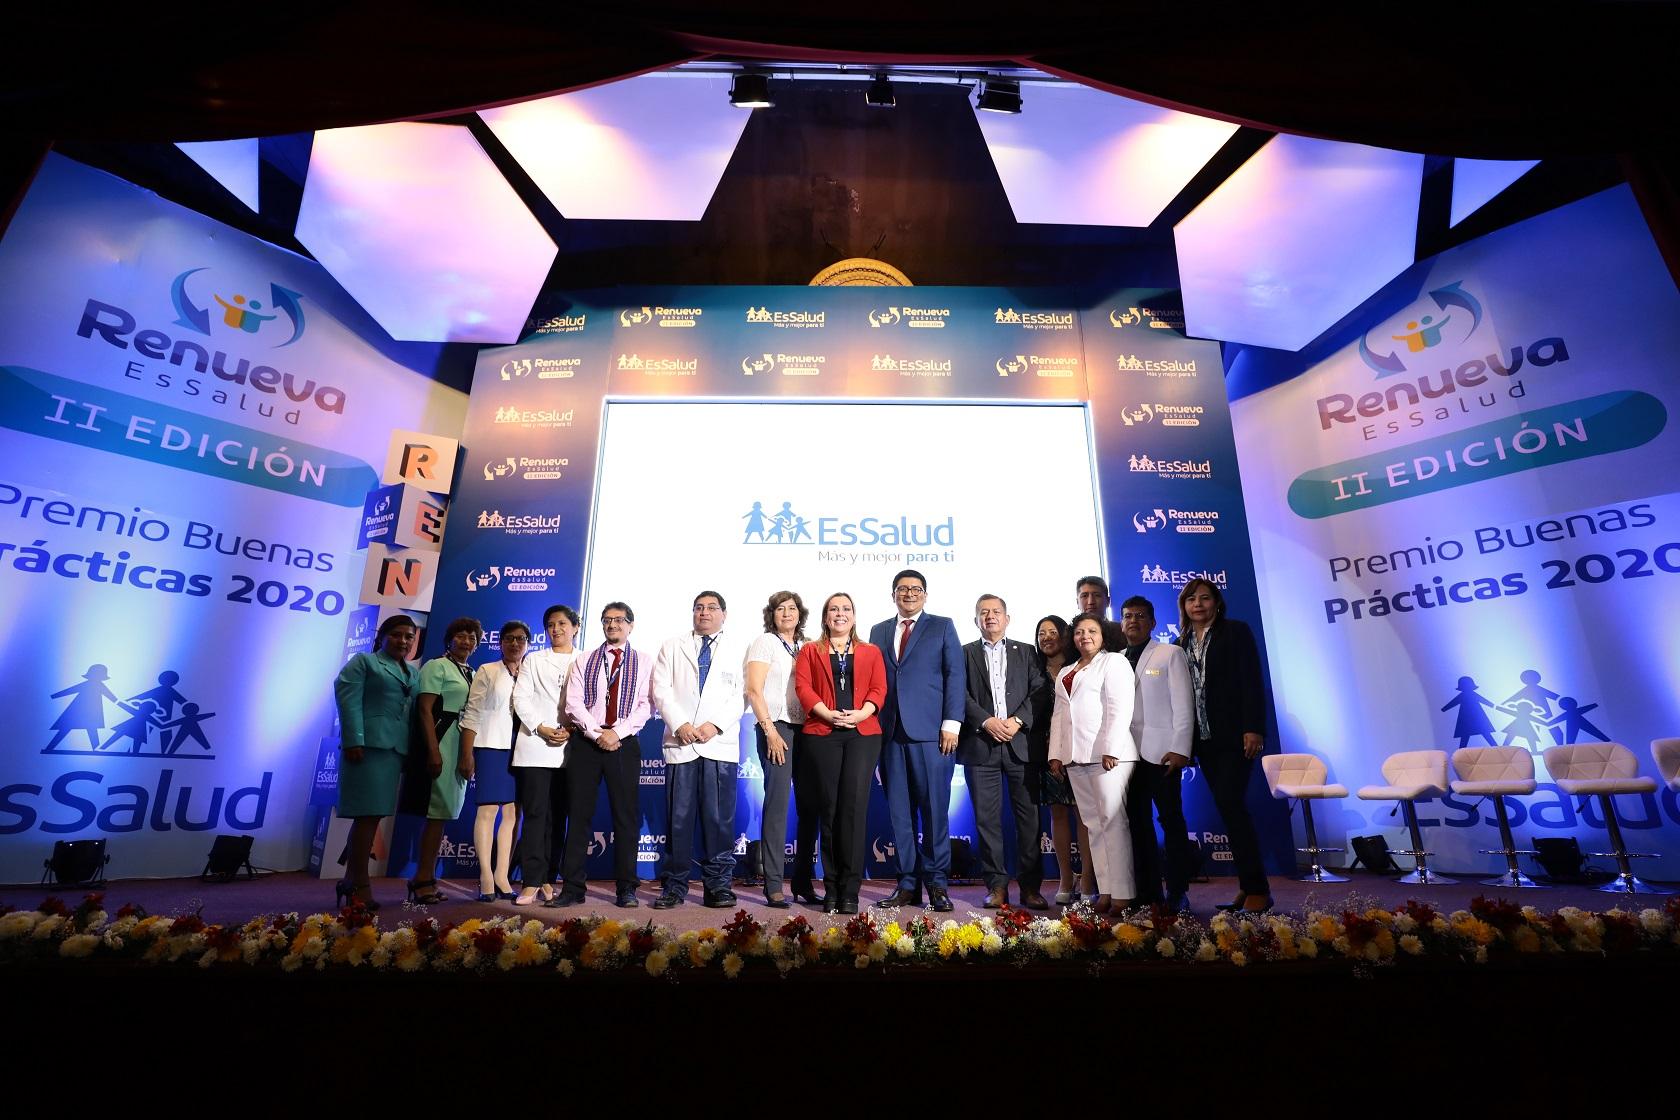 Essalud - EsSalud premiará a personal que mejore la atención de pacientes con prácticas innovadoras